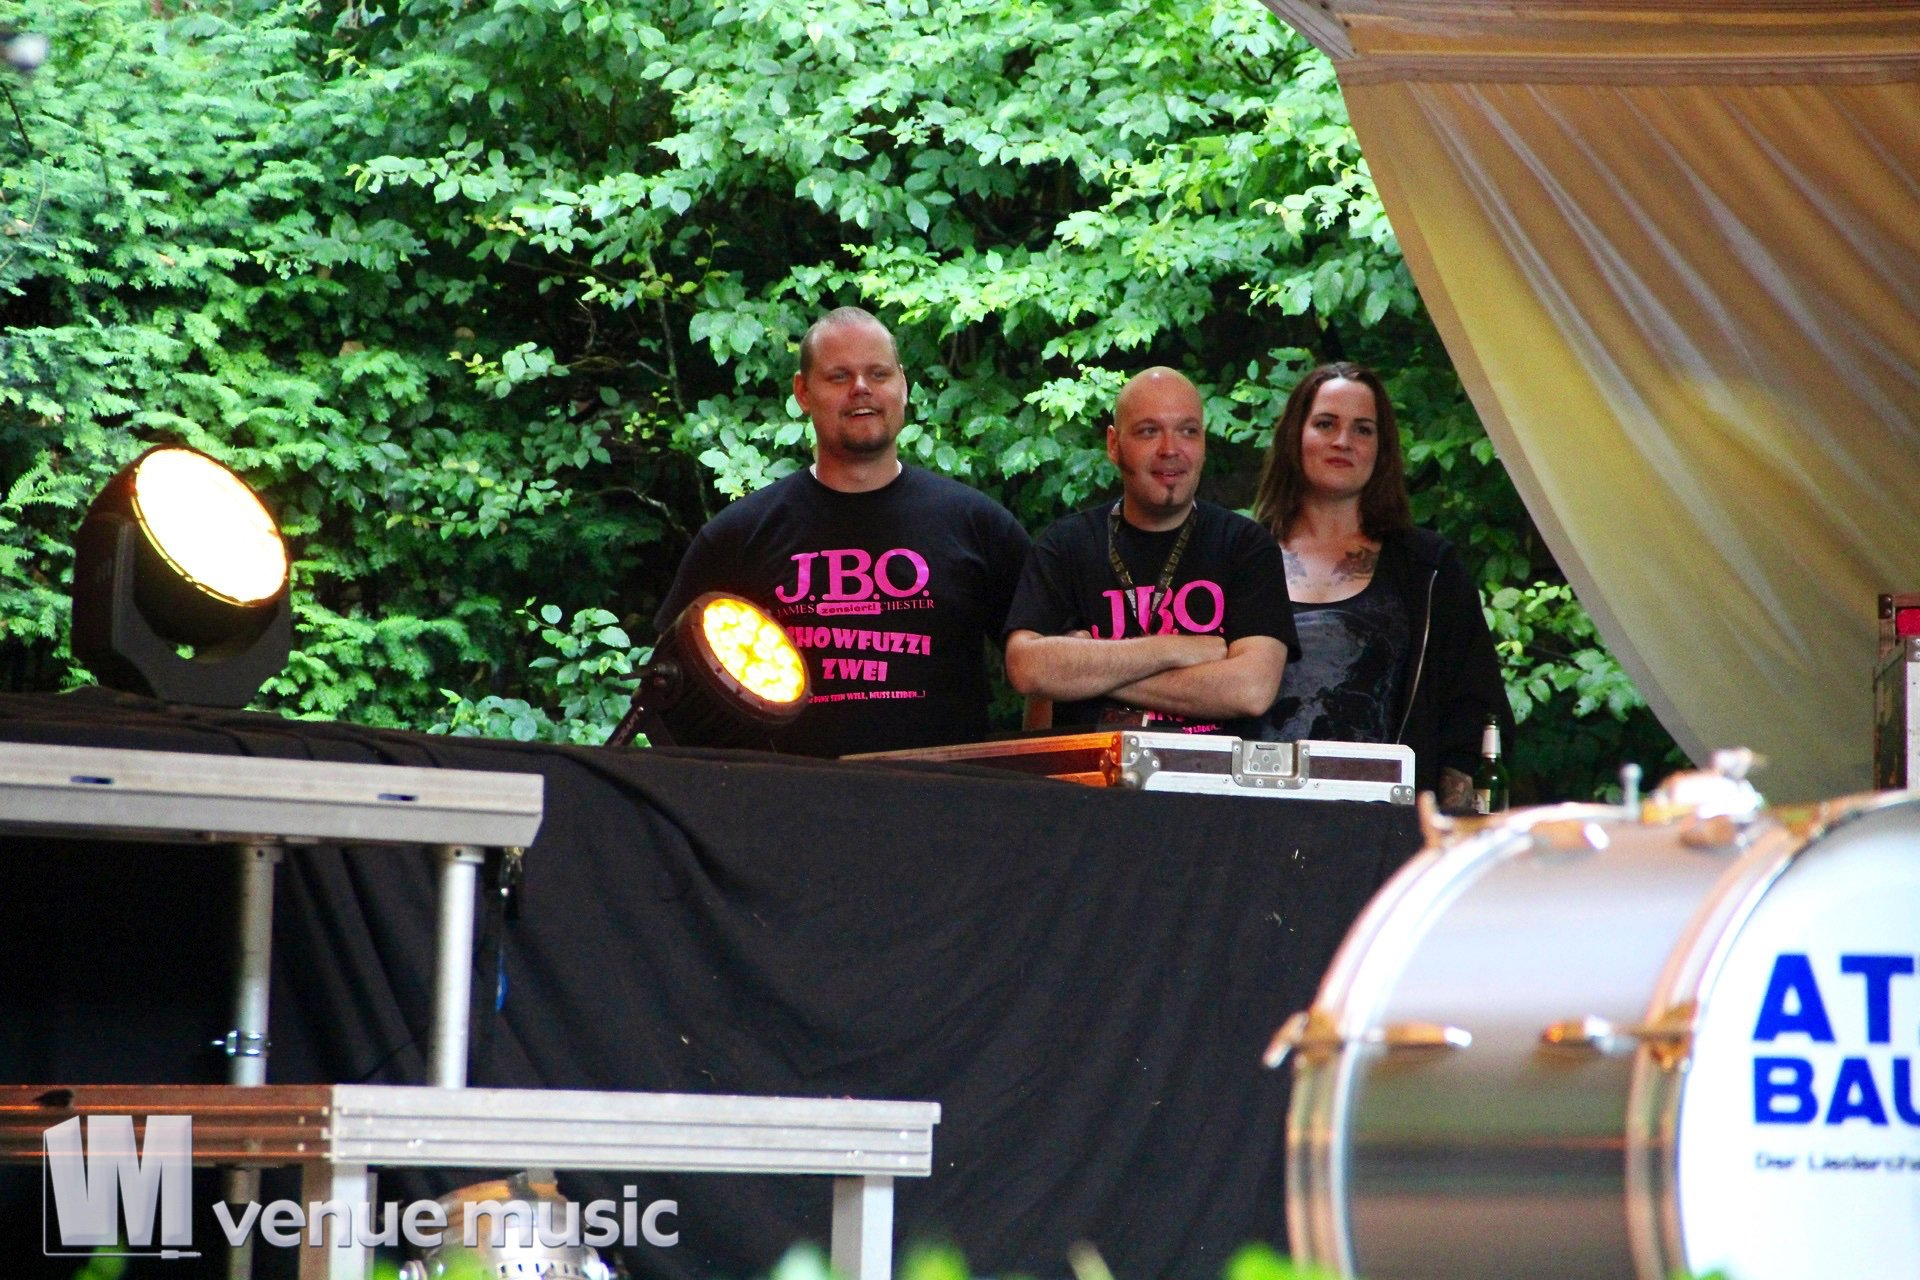 Atze Bauer: 11.07.2016 Serenadenhof, Nürnberg